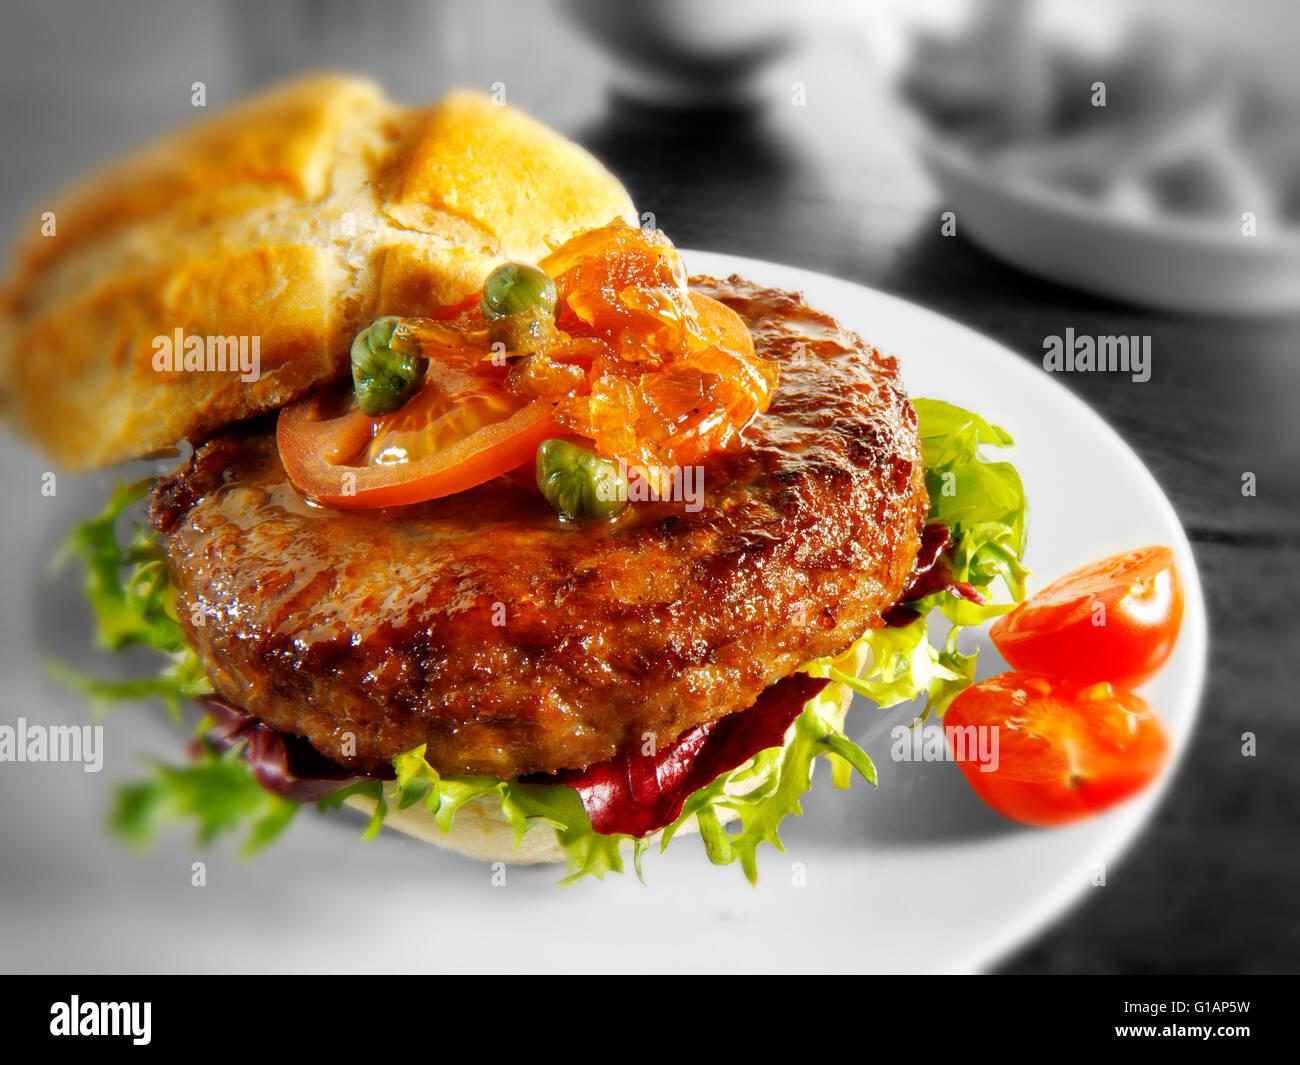 Hamburger oder Rindfleisch Burger in einem Brötchen mit Relish und Salat Stockbild